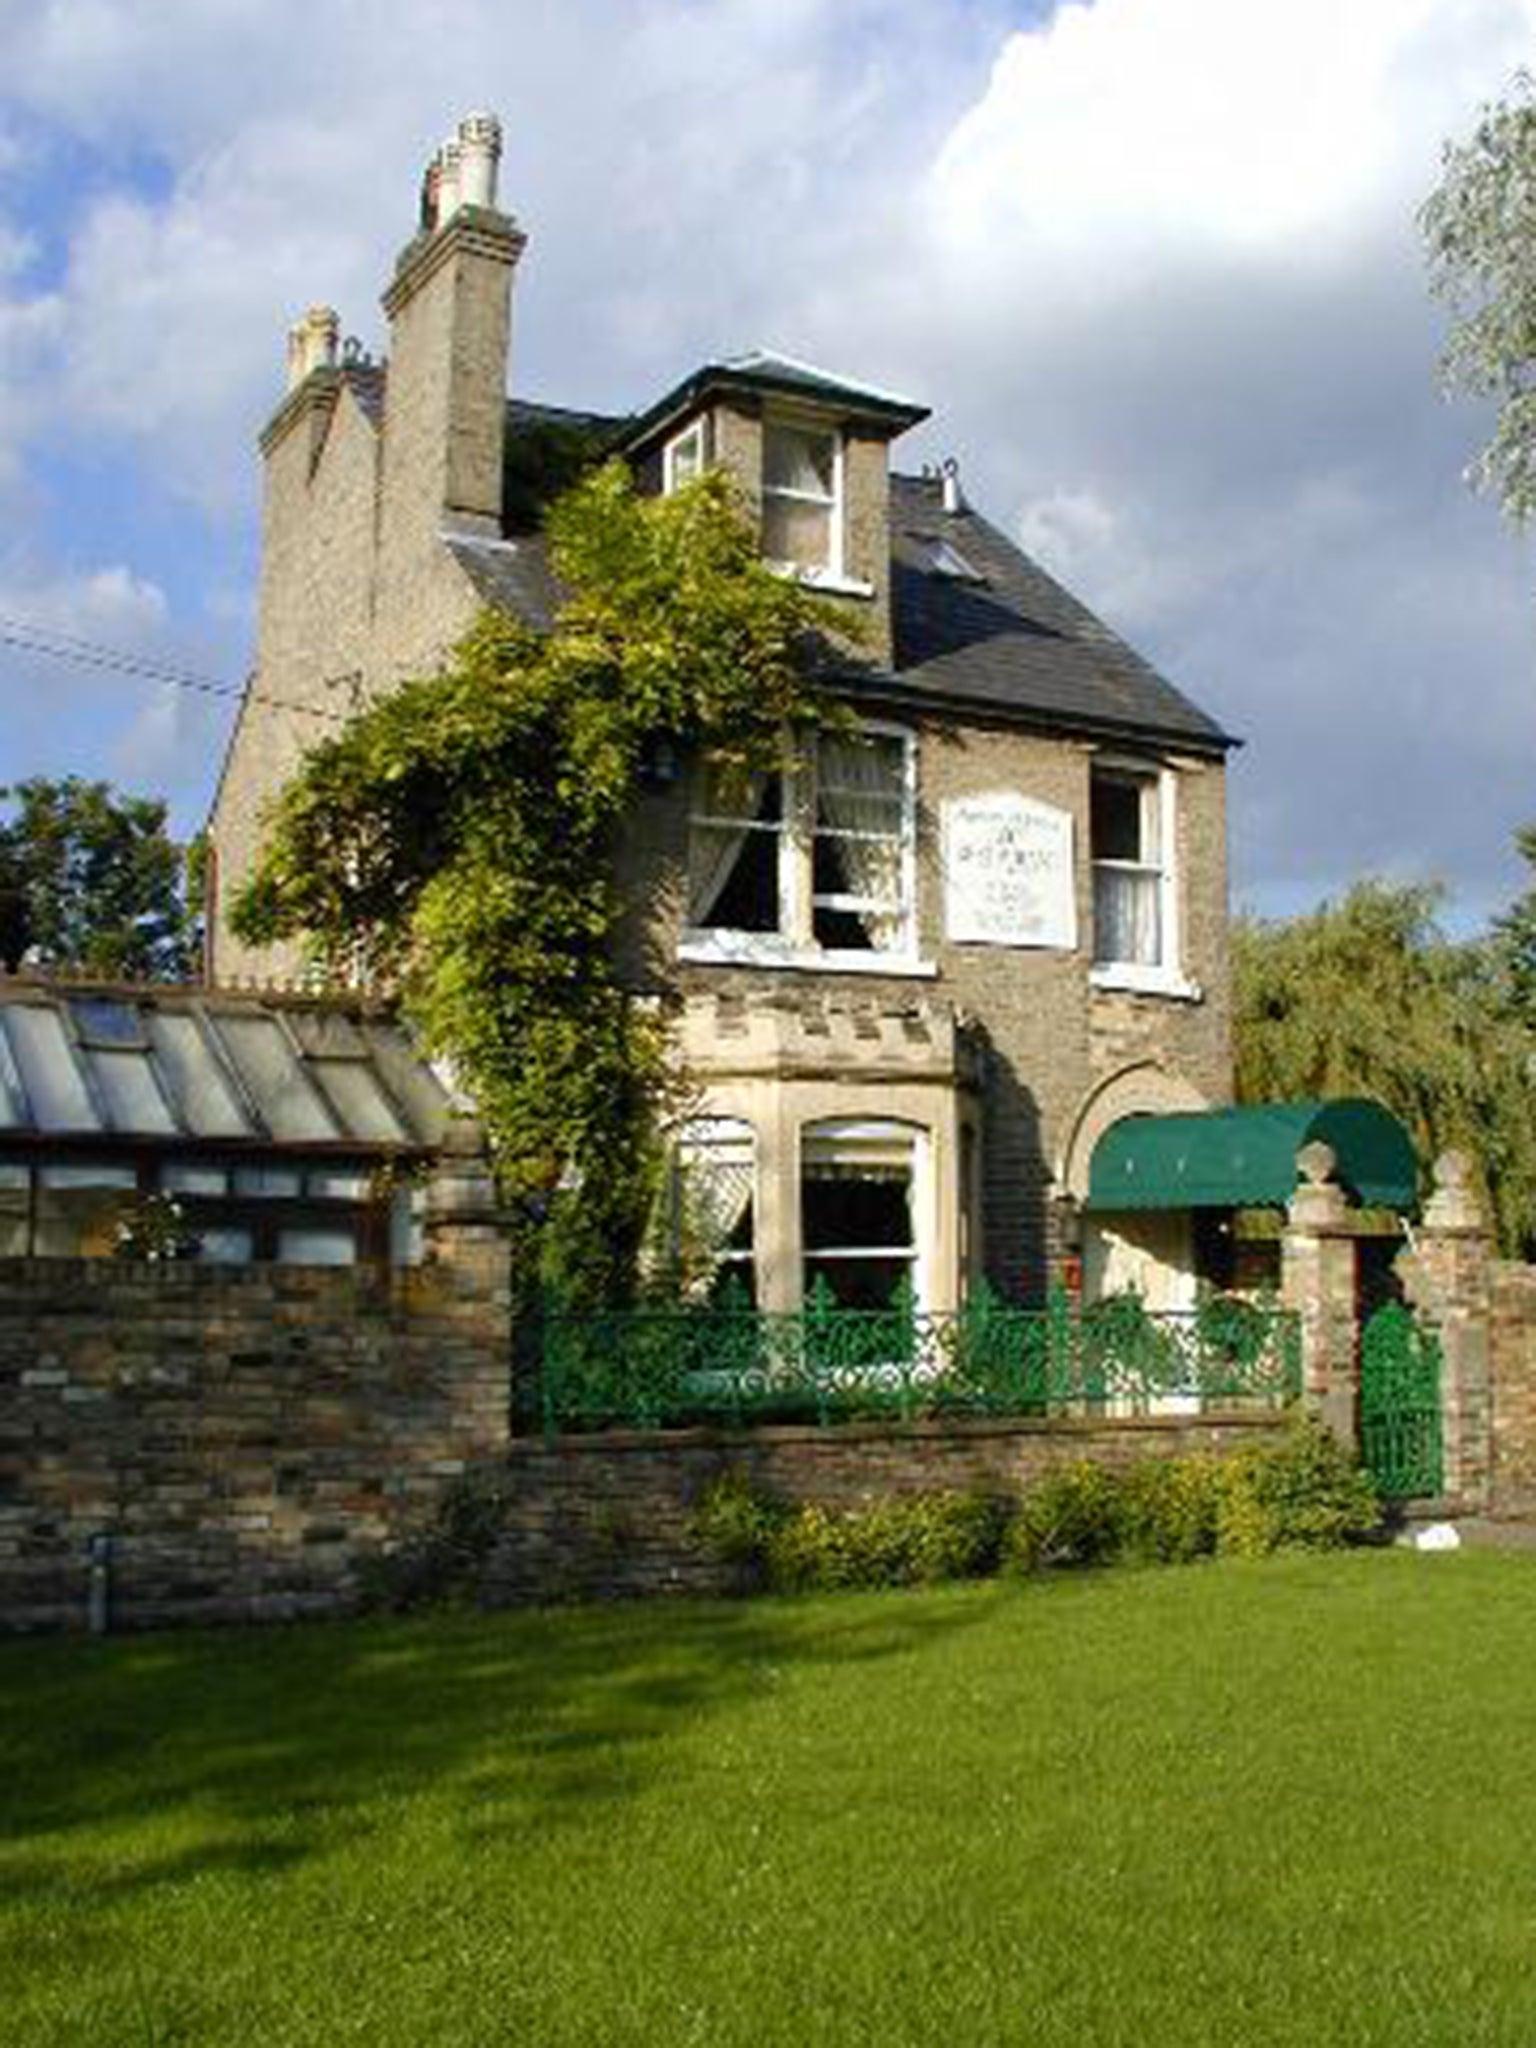 Midsummer House Restaurant Cambridge best restaurant uk: midsummer house beats le gavroche and